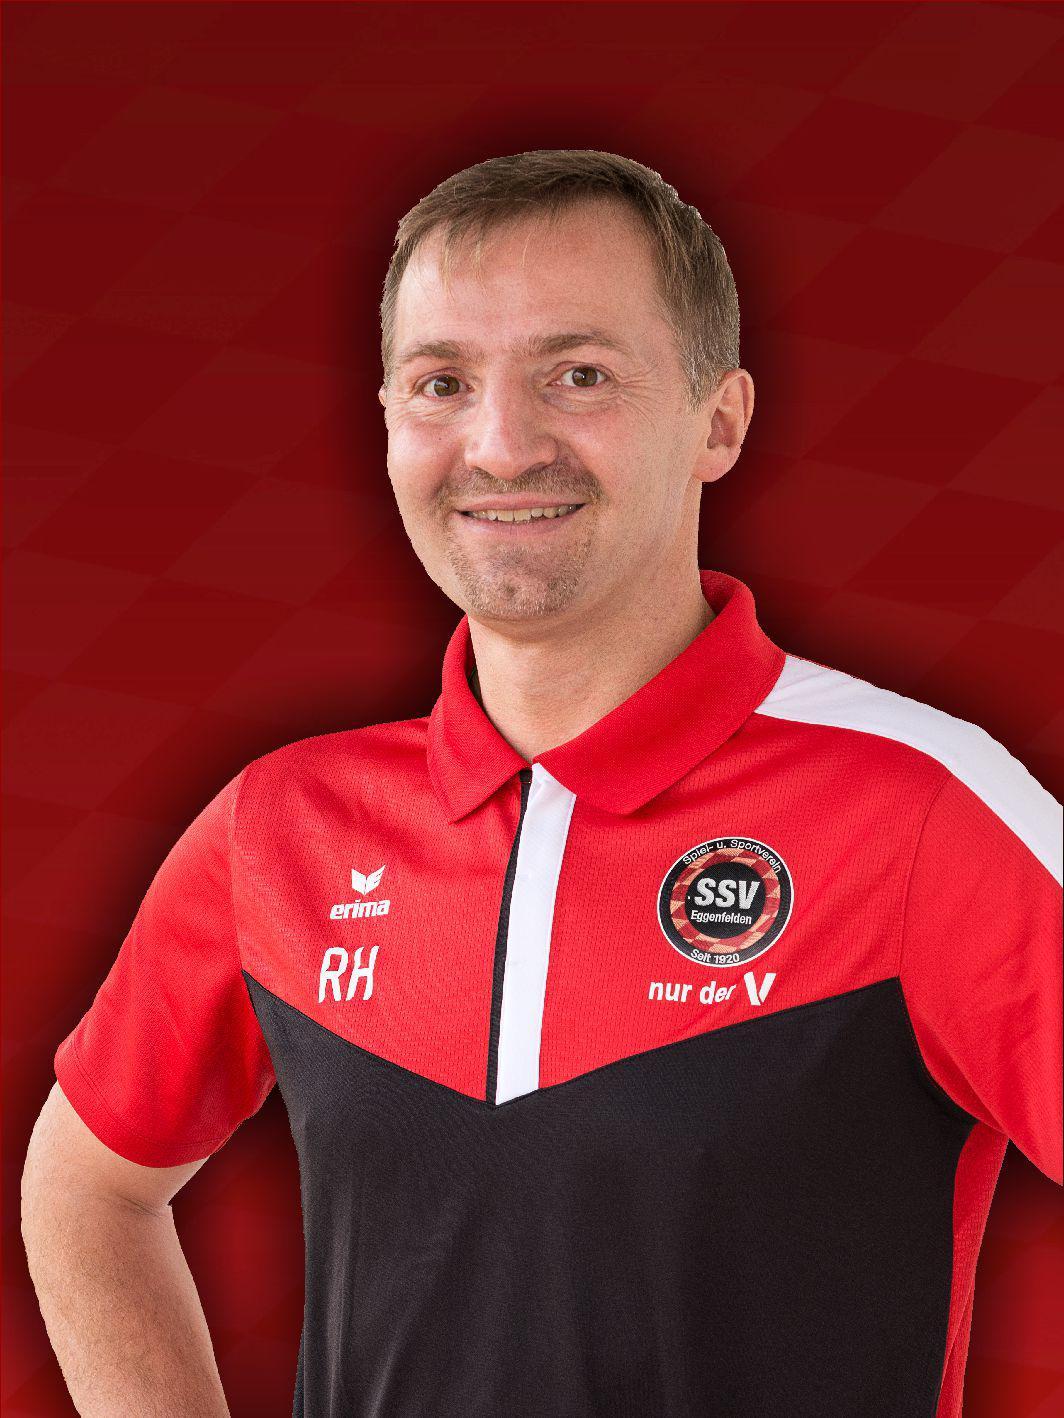 Robert Häglsperger